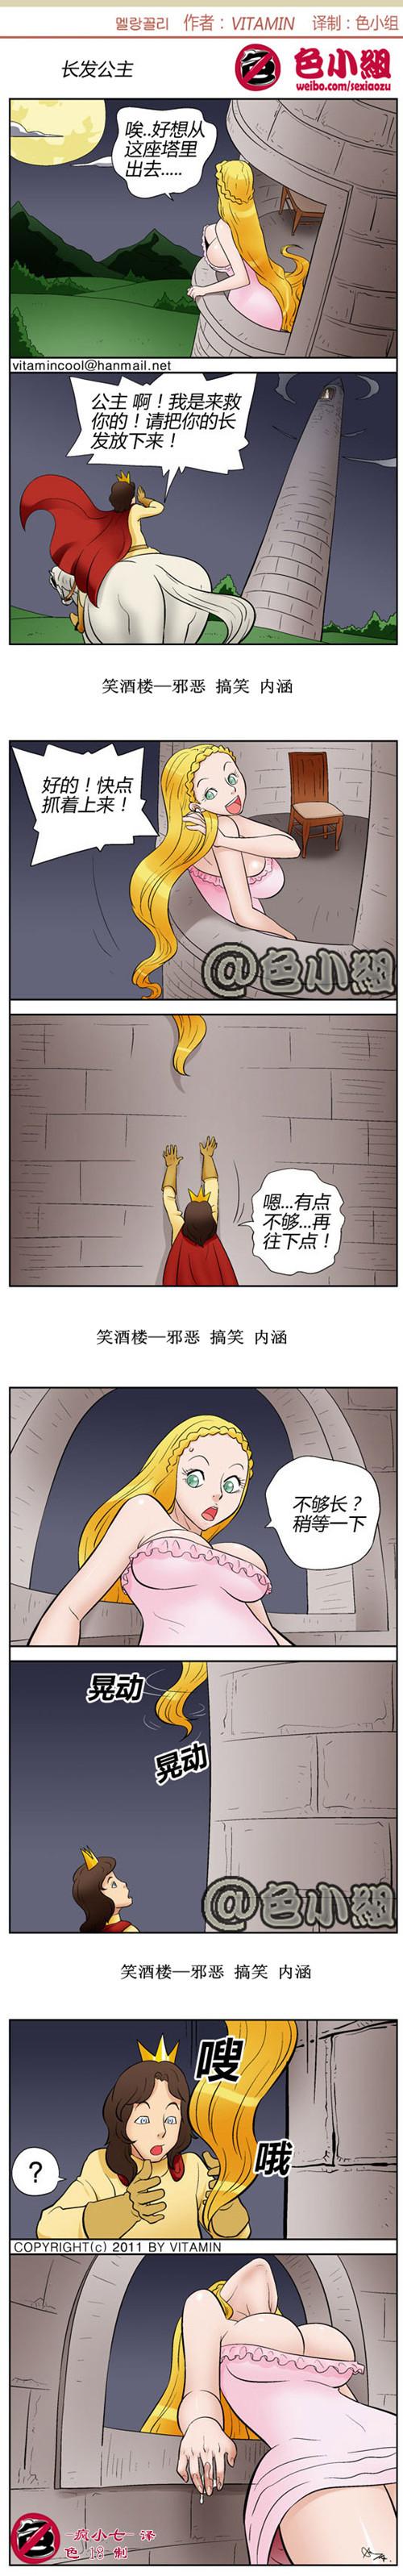 内涵漫画 | 长发公主,好想从这座塔里出去 轻松一刻